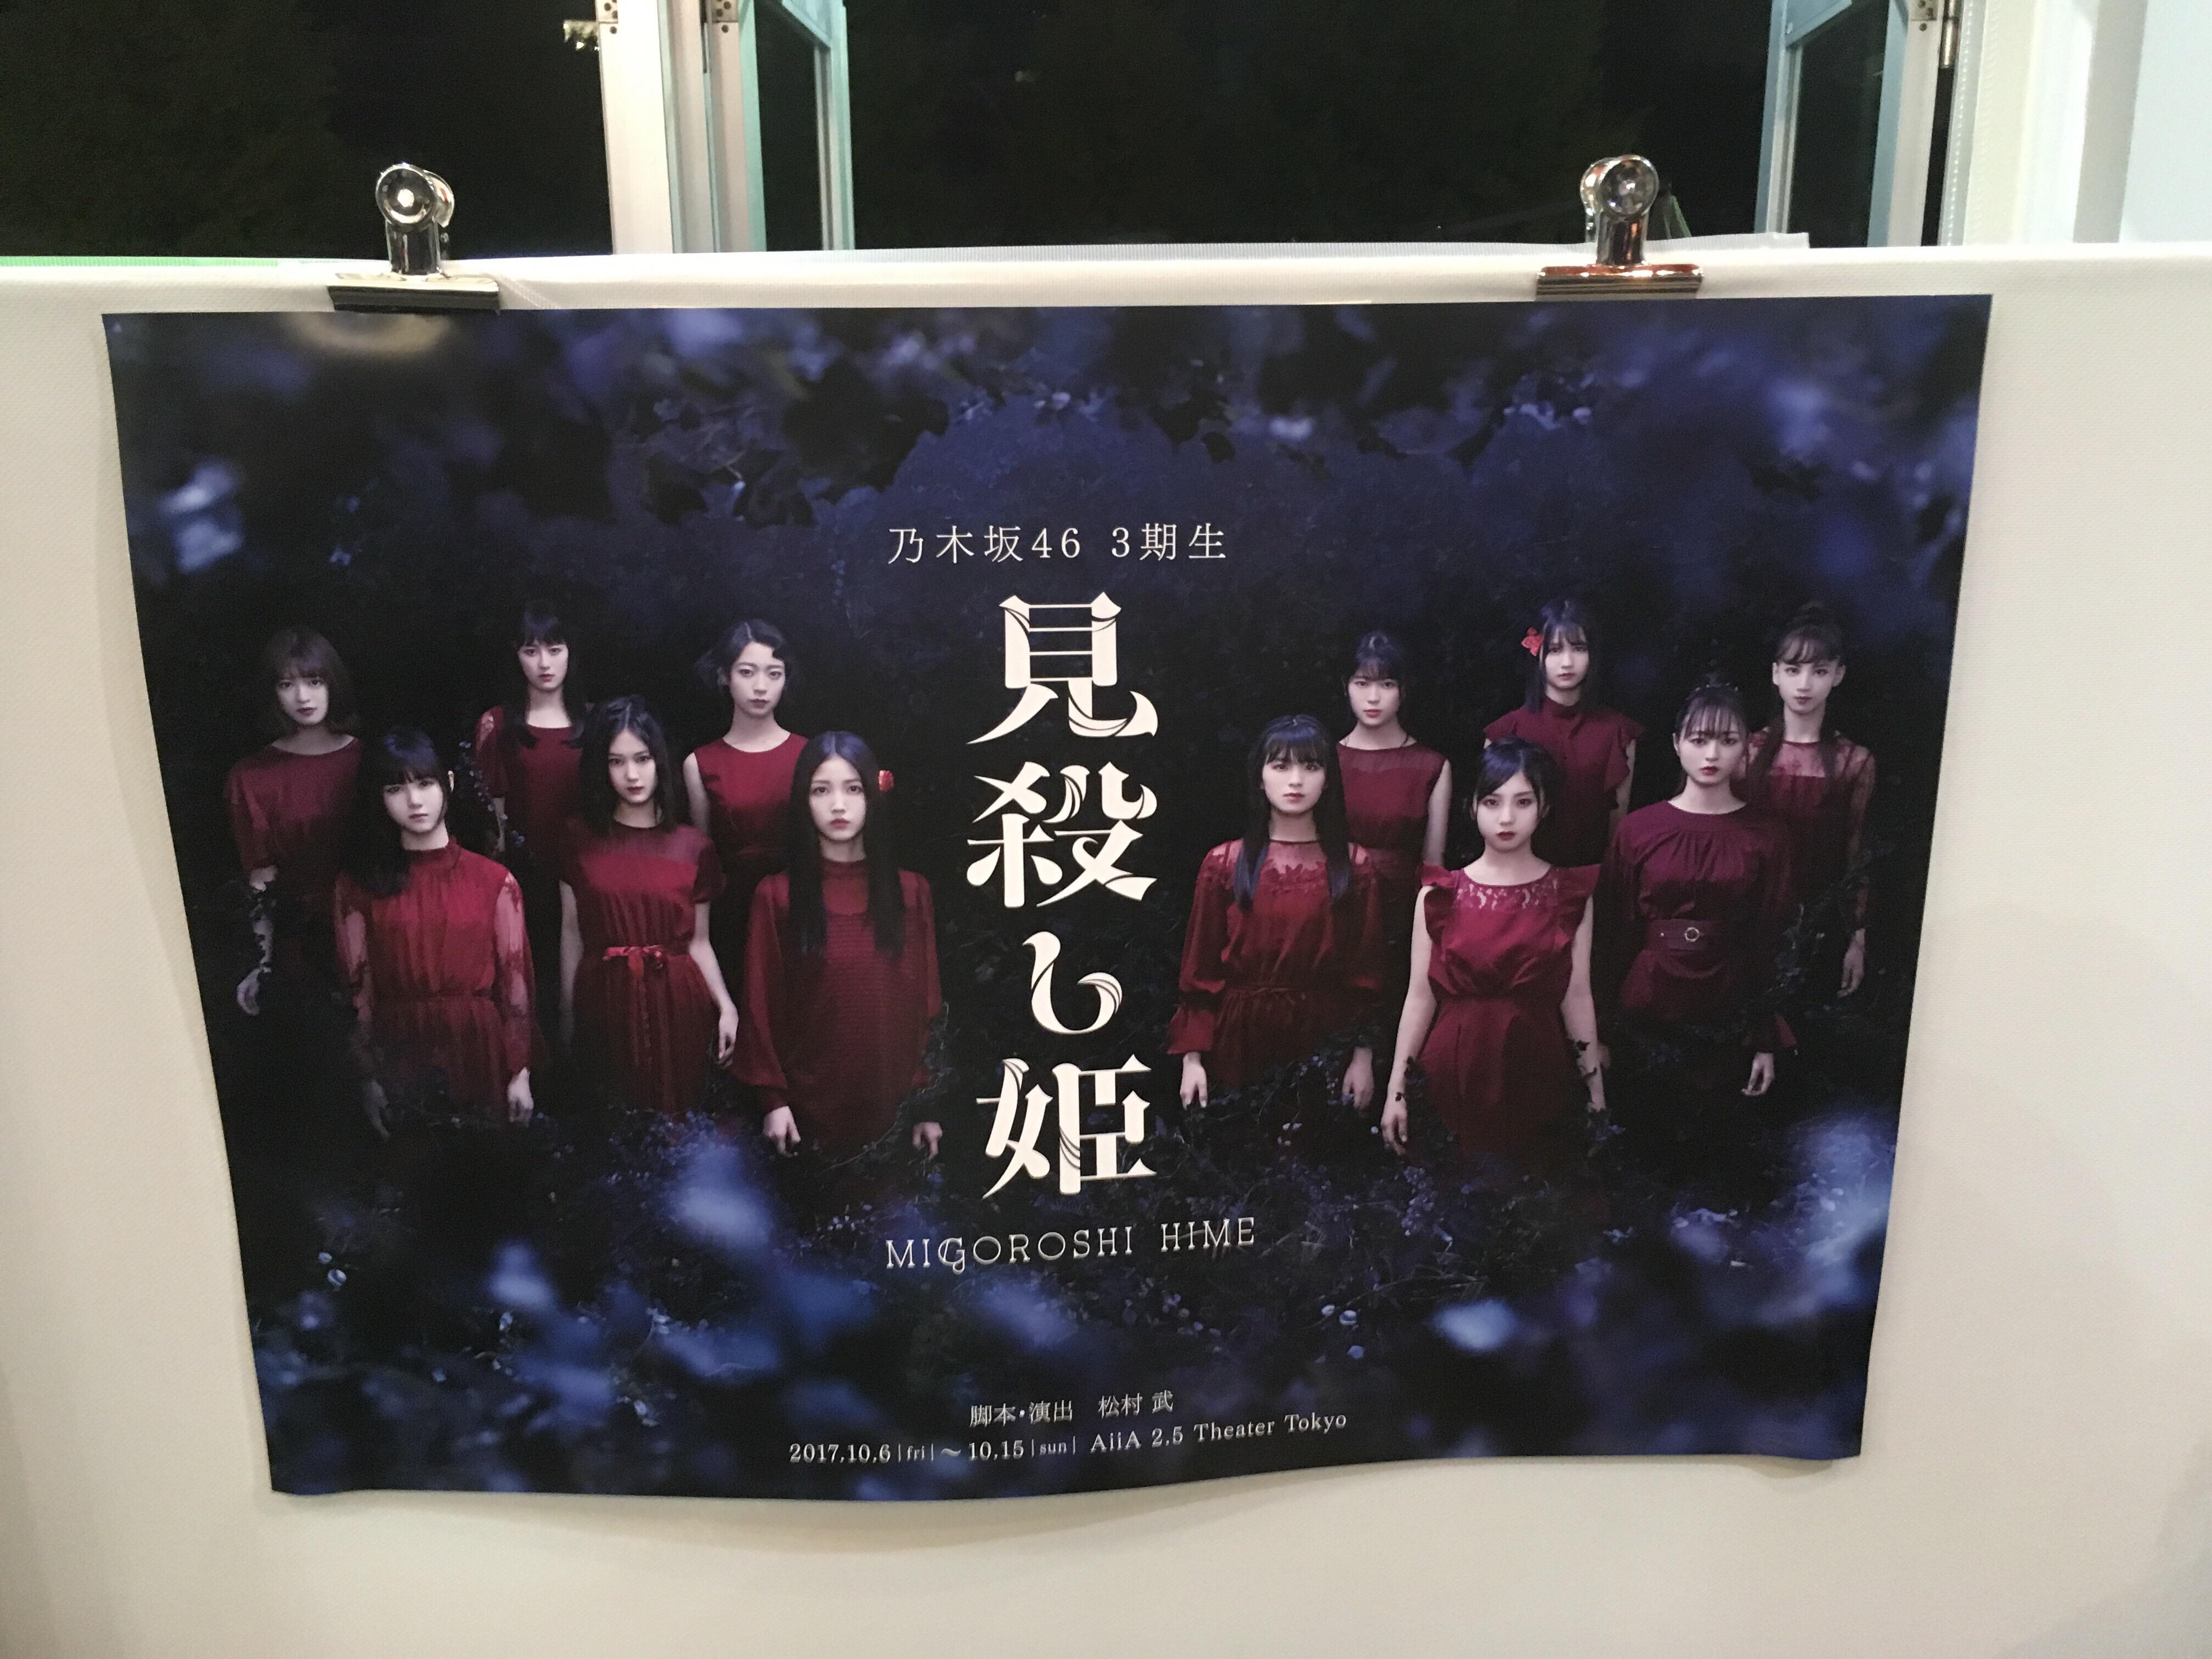 乃木坂46 3期生公演「見殺し姫」を観ての、雑記